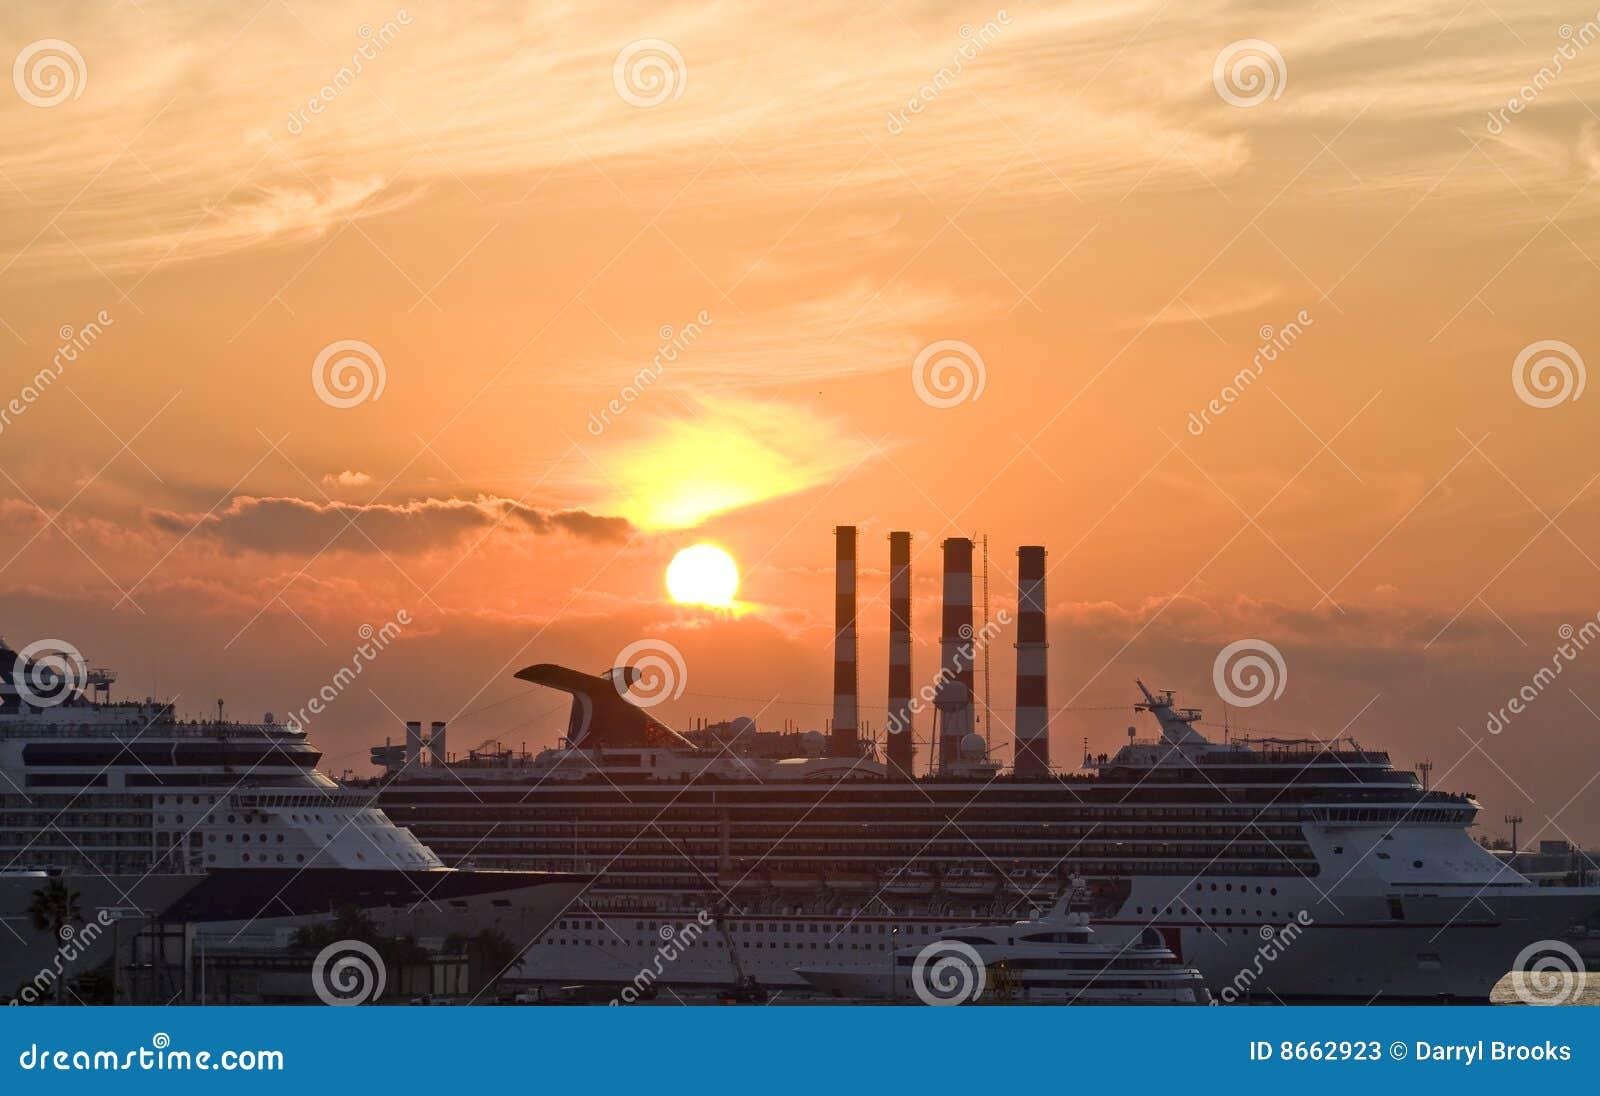 Bateaux de croisière au dock avec l industrie